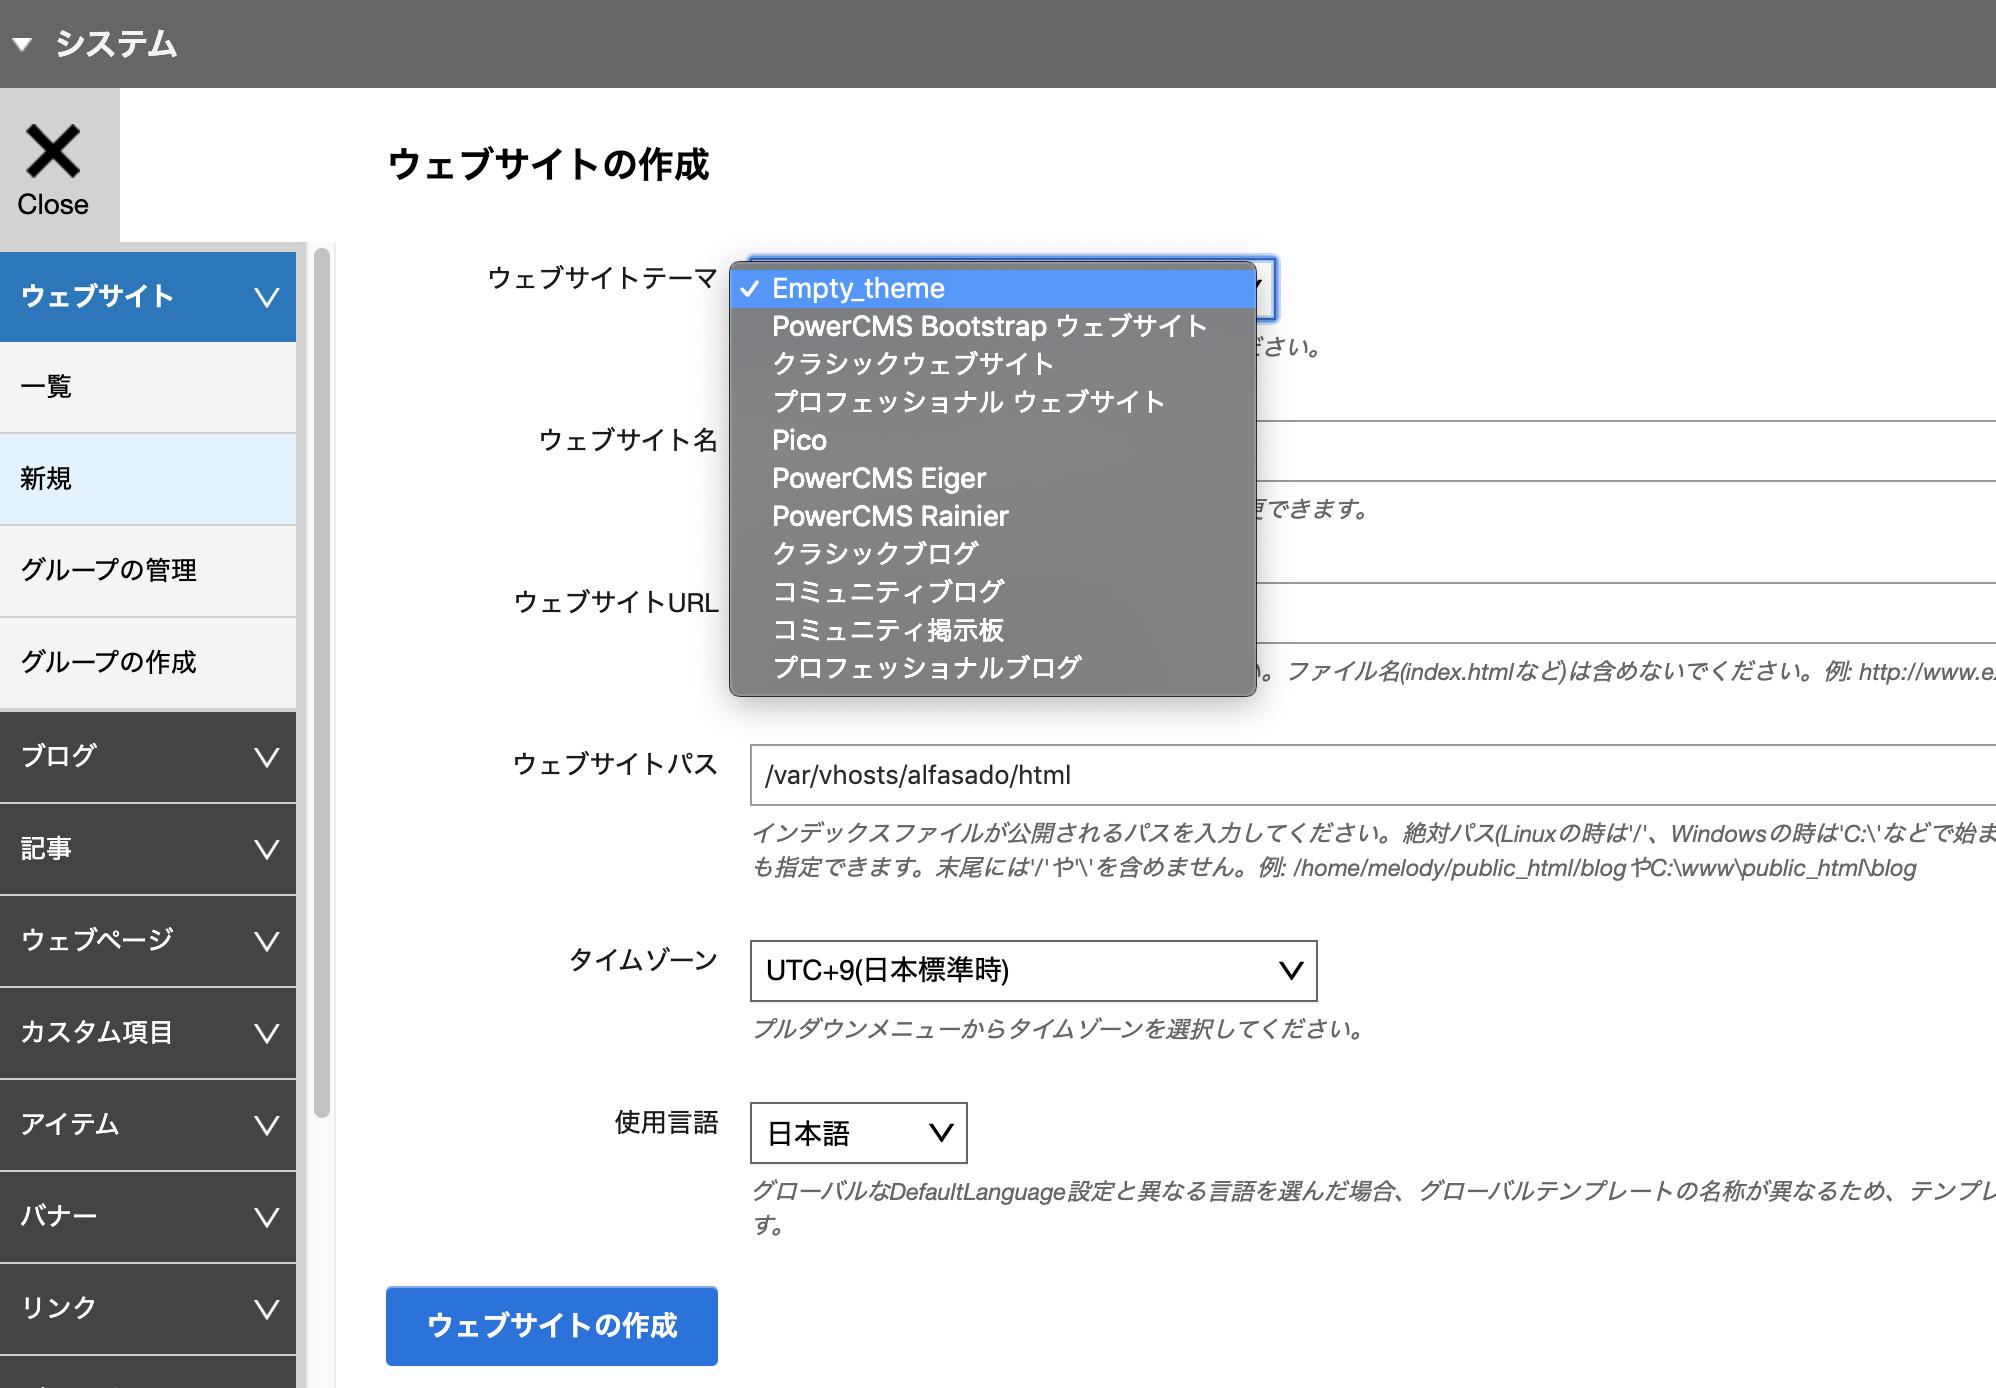 ウェブサイト作成時の画面